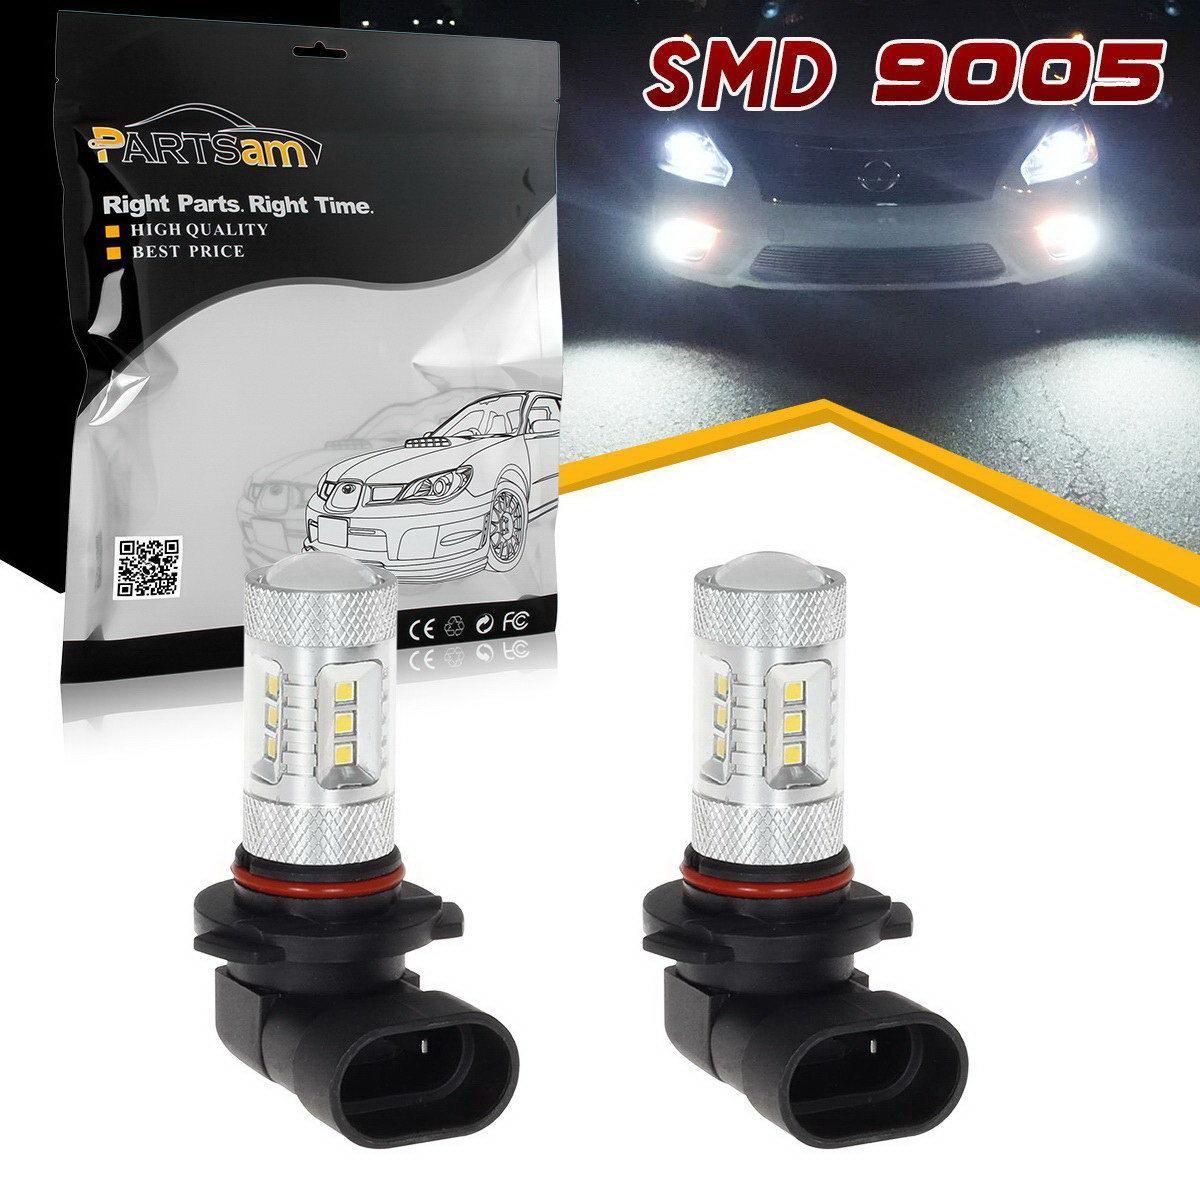 2005 2009 ford mustang 2x hid white 921 led reverse light bulb backup - 6000k White High Power Samsung 2323 15 Smd Led 9005 9040 9045 Fog Light Bulbs